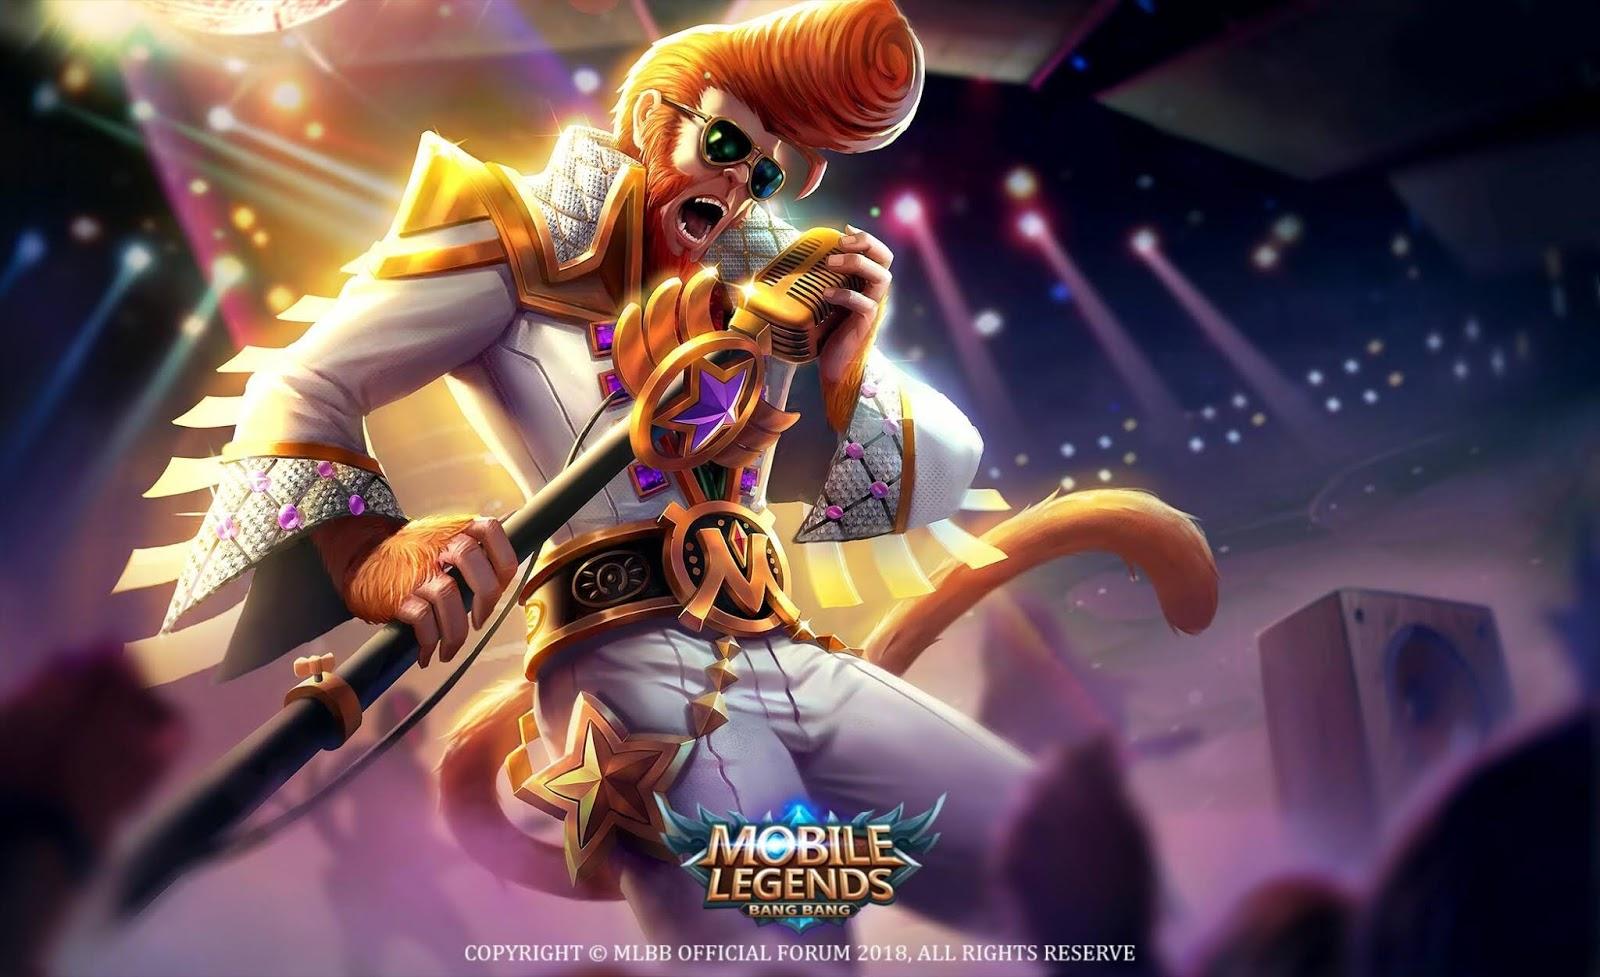 Wallpaper Sun Rock Star Skin Mobile Legends Full HD for PC